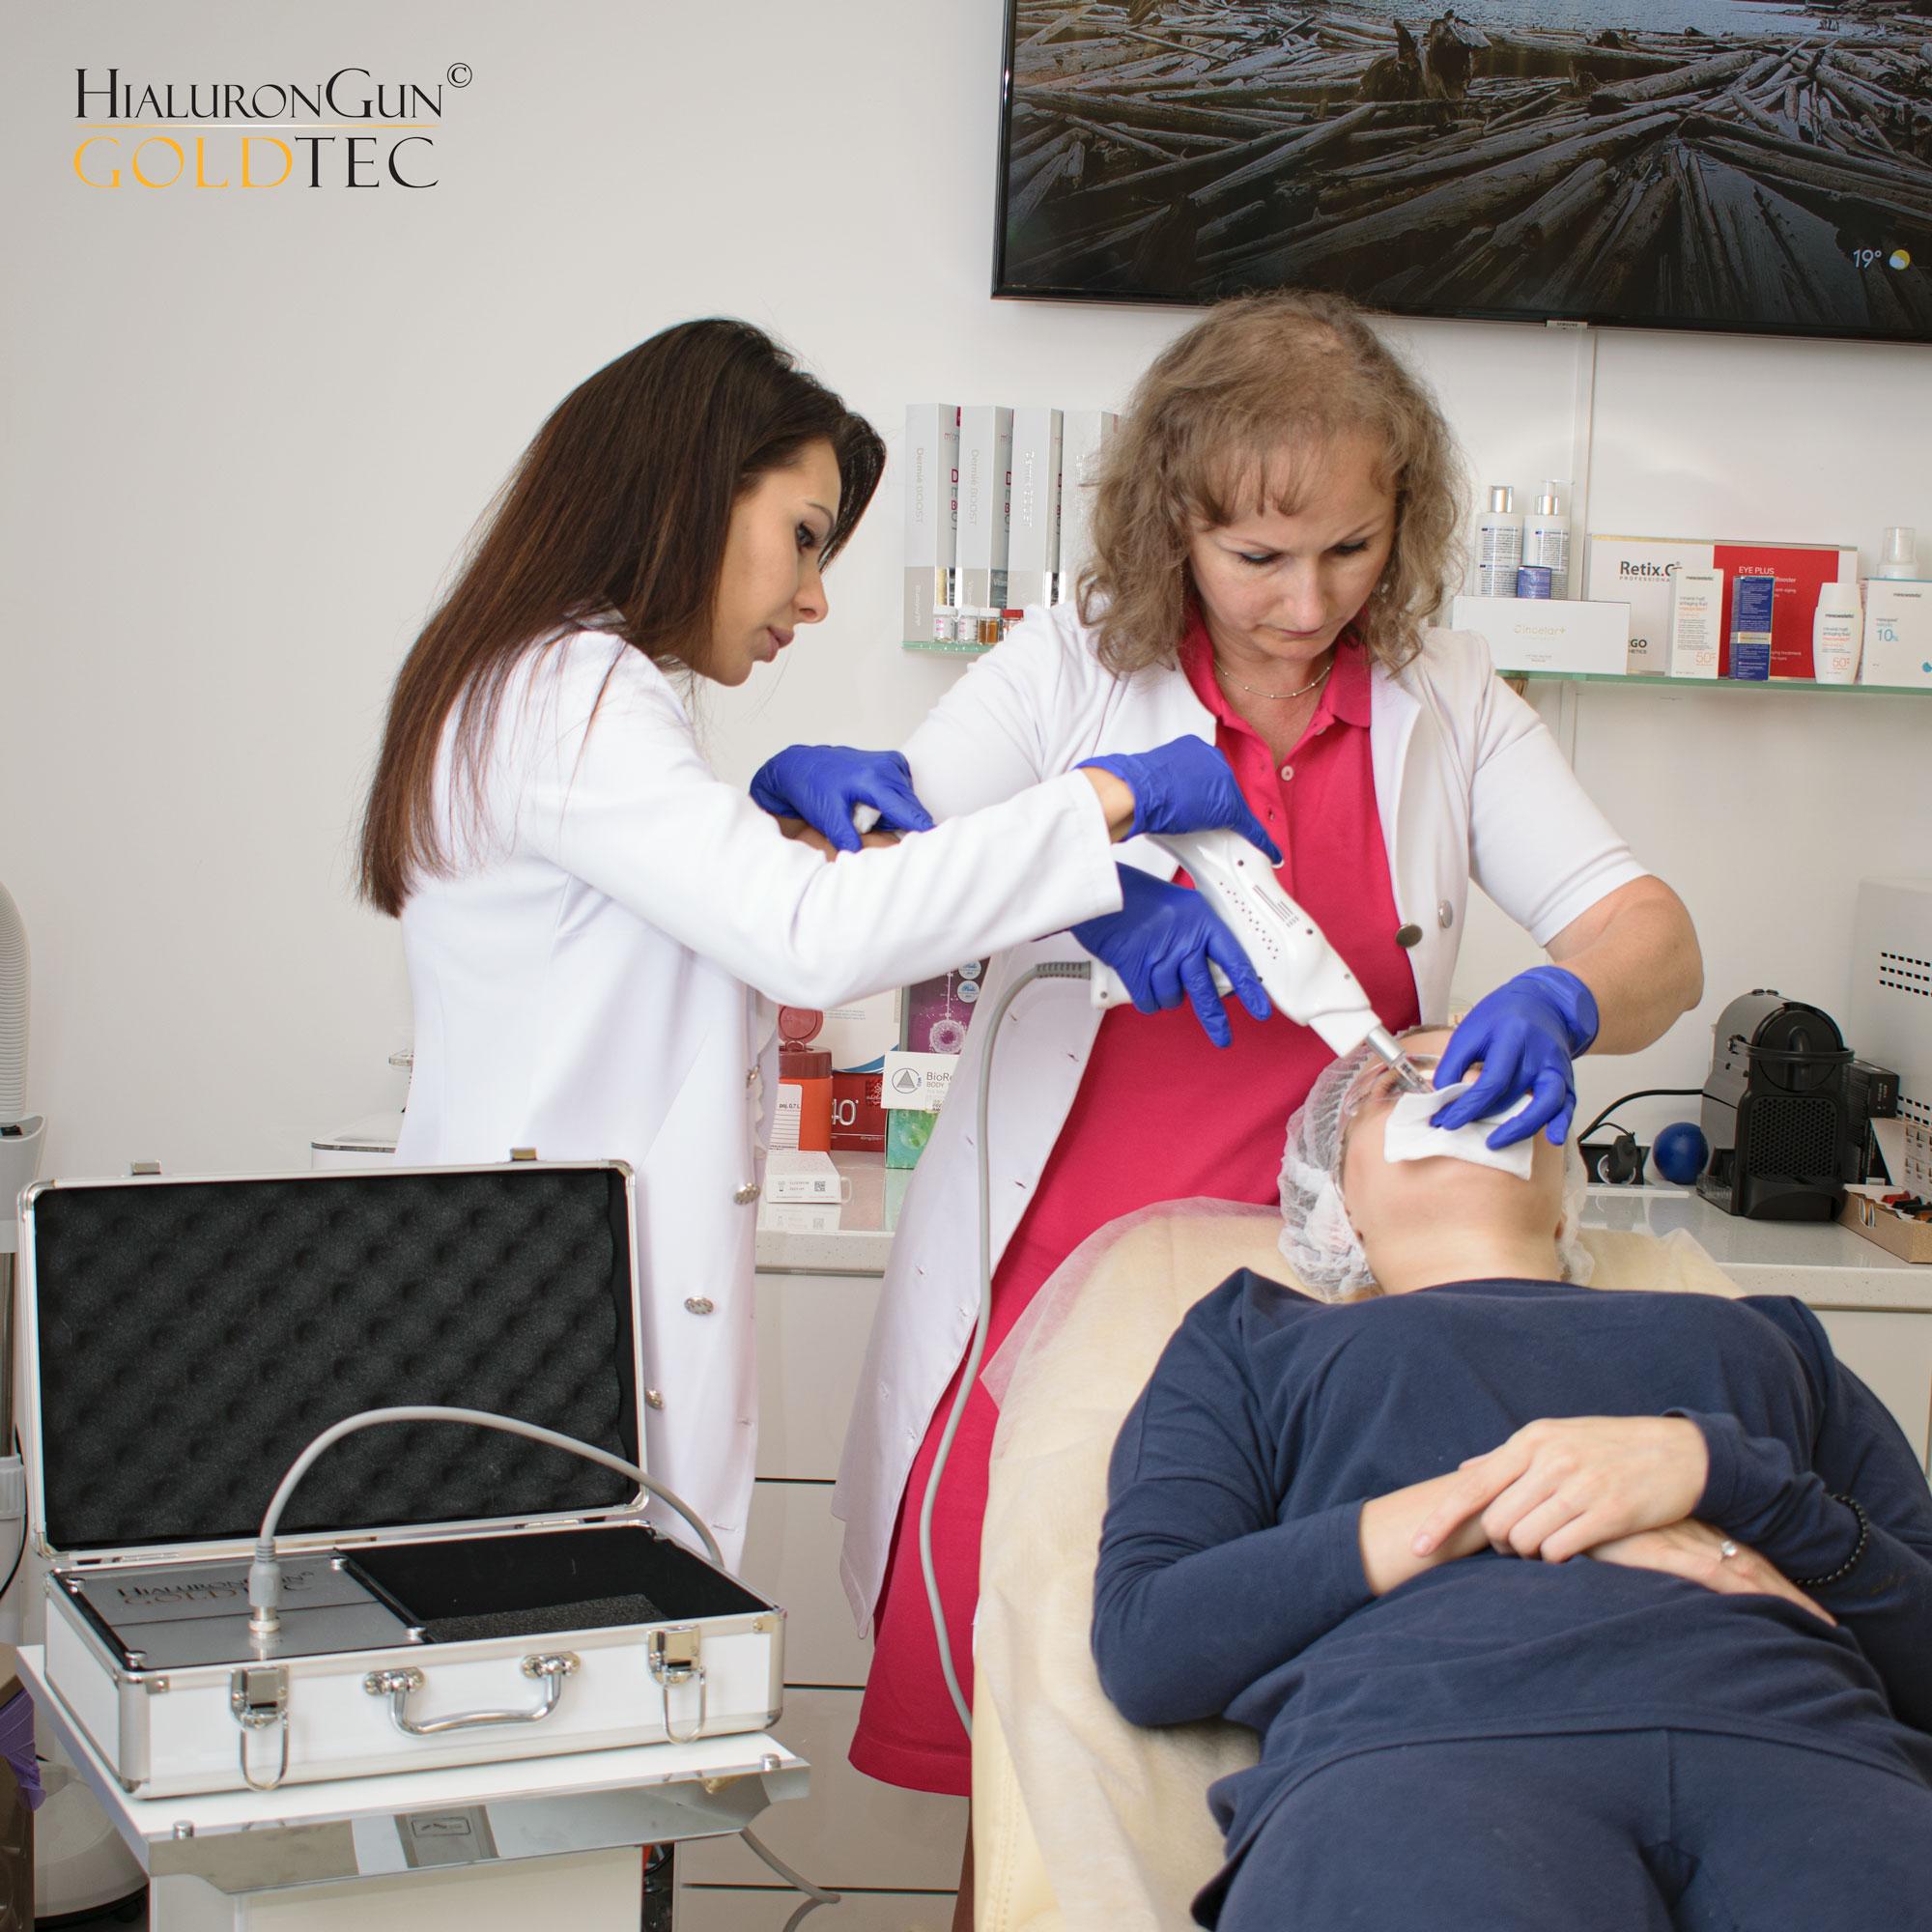 Podczas szkolenia praktycznego z obsługi urządzenia Hialurongun Goldtec uczestniczka jest kierowana przez kosmetologa z wykształceniem medycznym